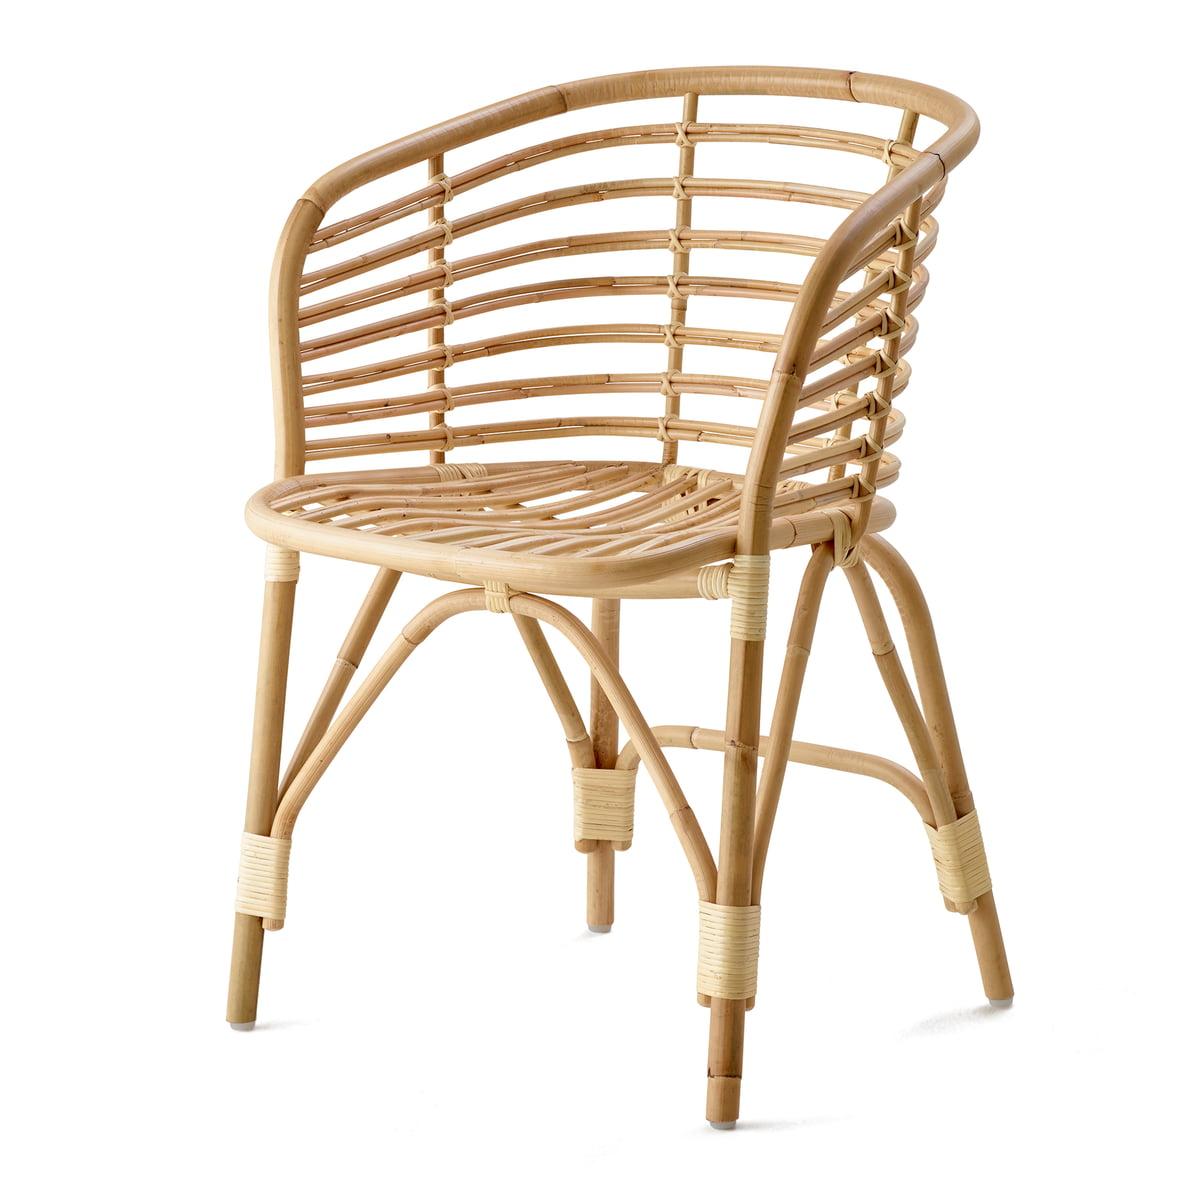 Cane-line - Blend Sessel Indoor, natur